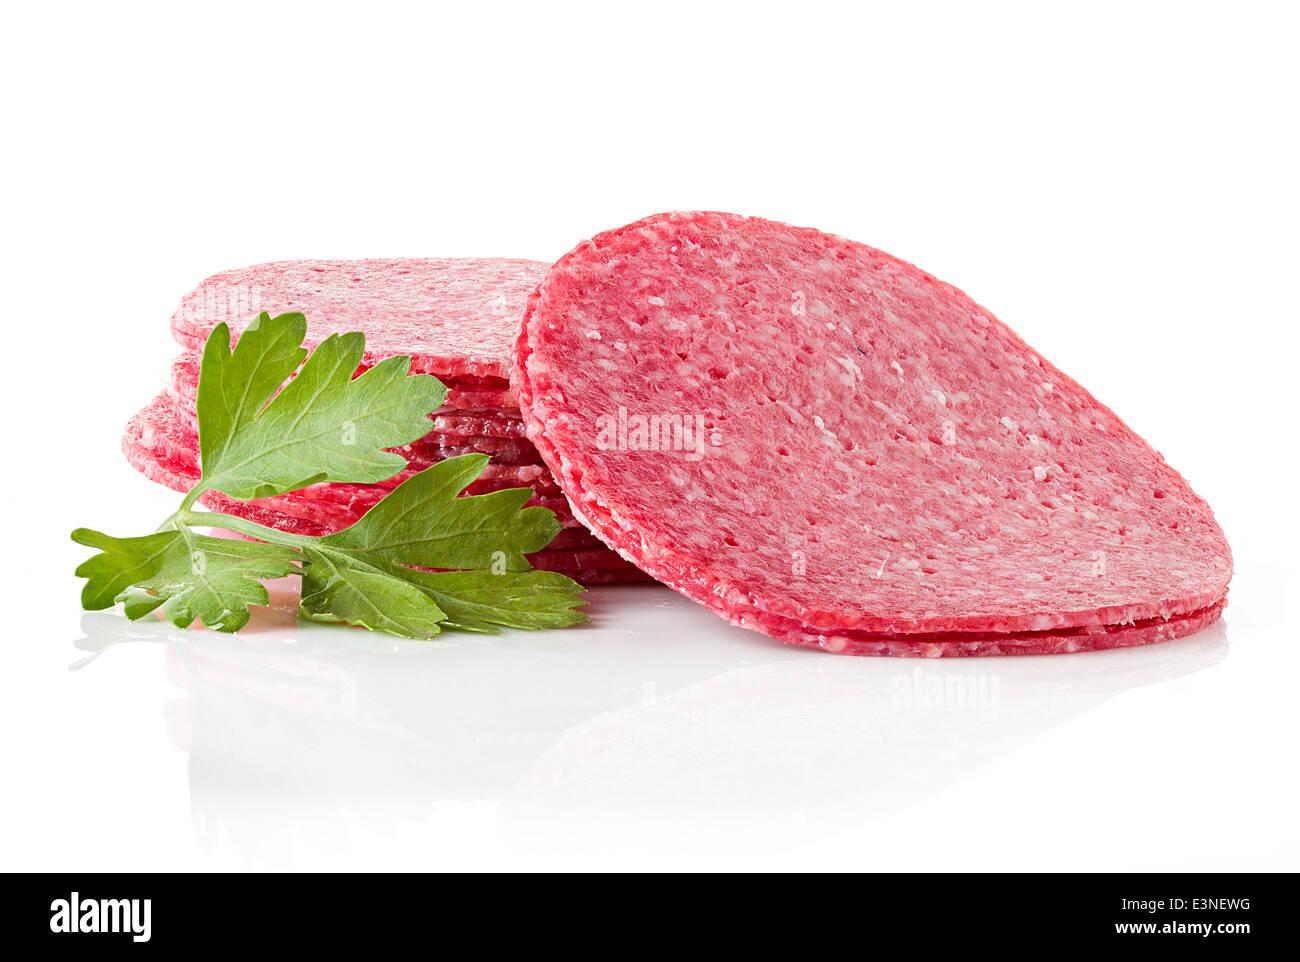 salami close-up isolated on white background - Stock Image